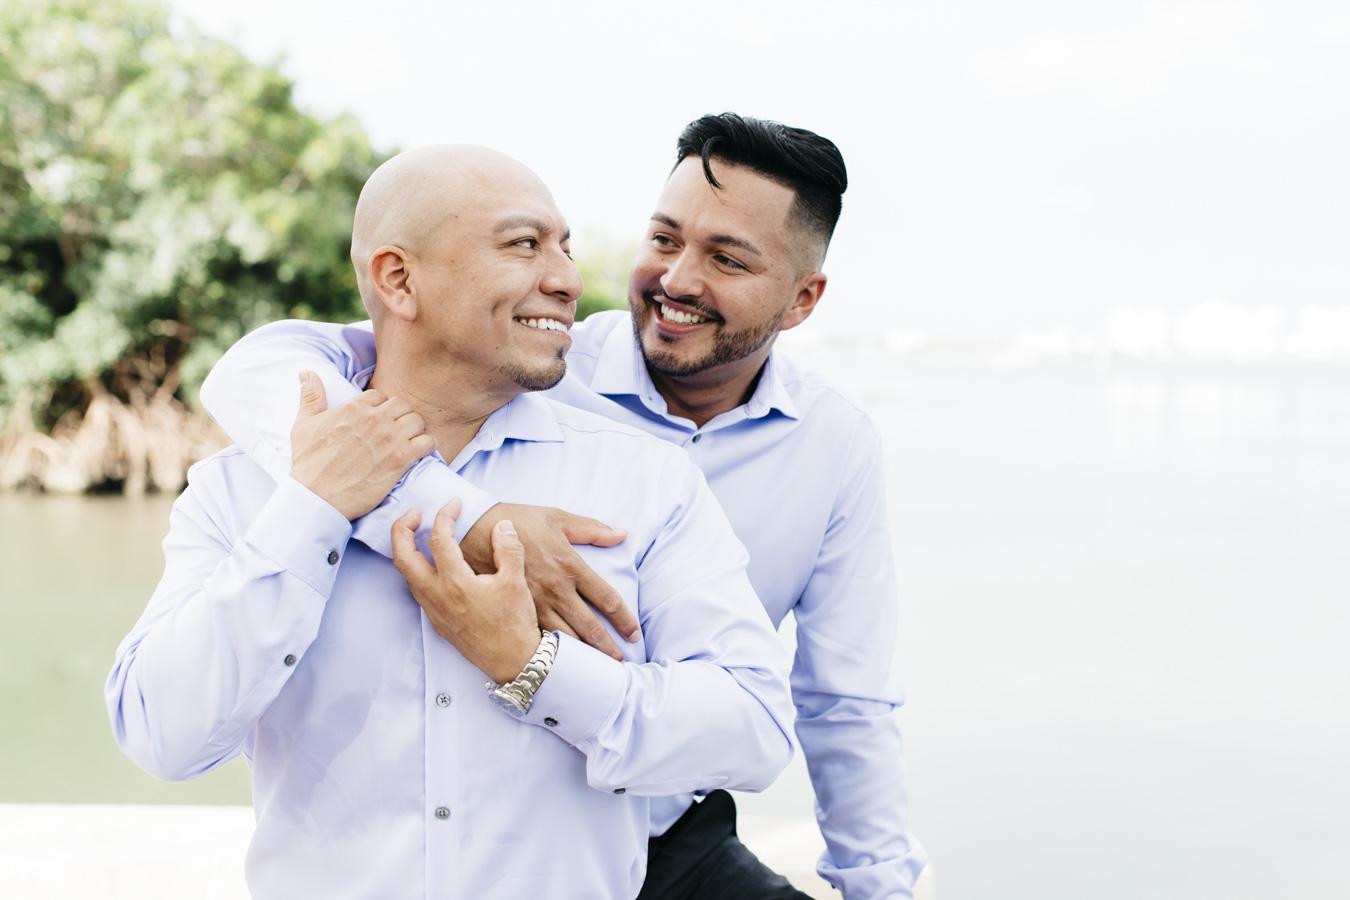 Gino_Jose_Sarasota_FL_Wedding_June_23_2018-19.jpg